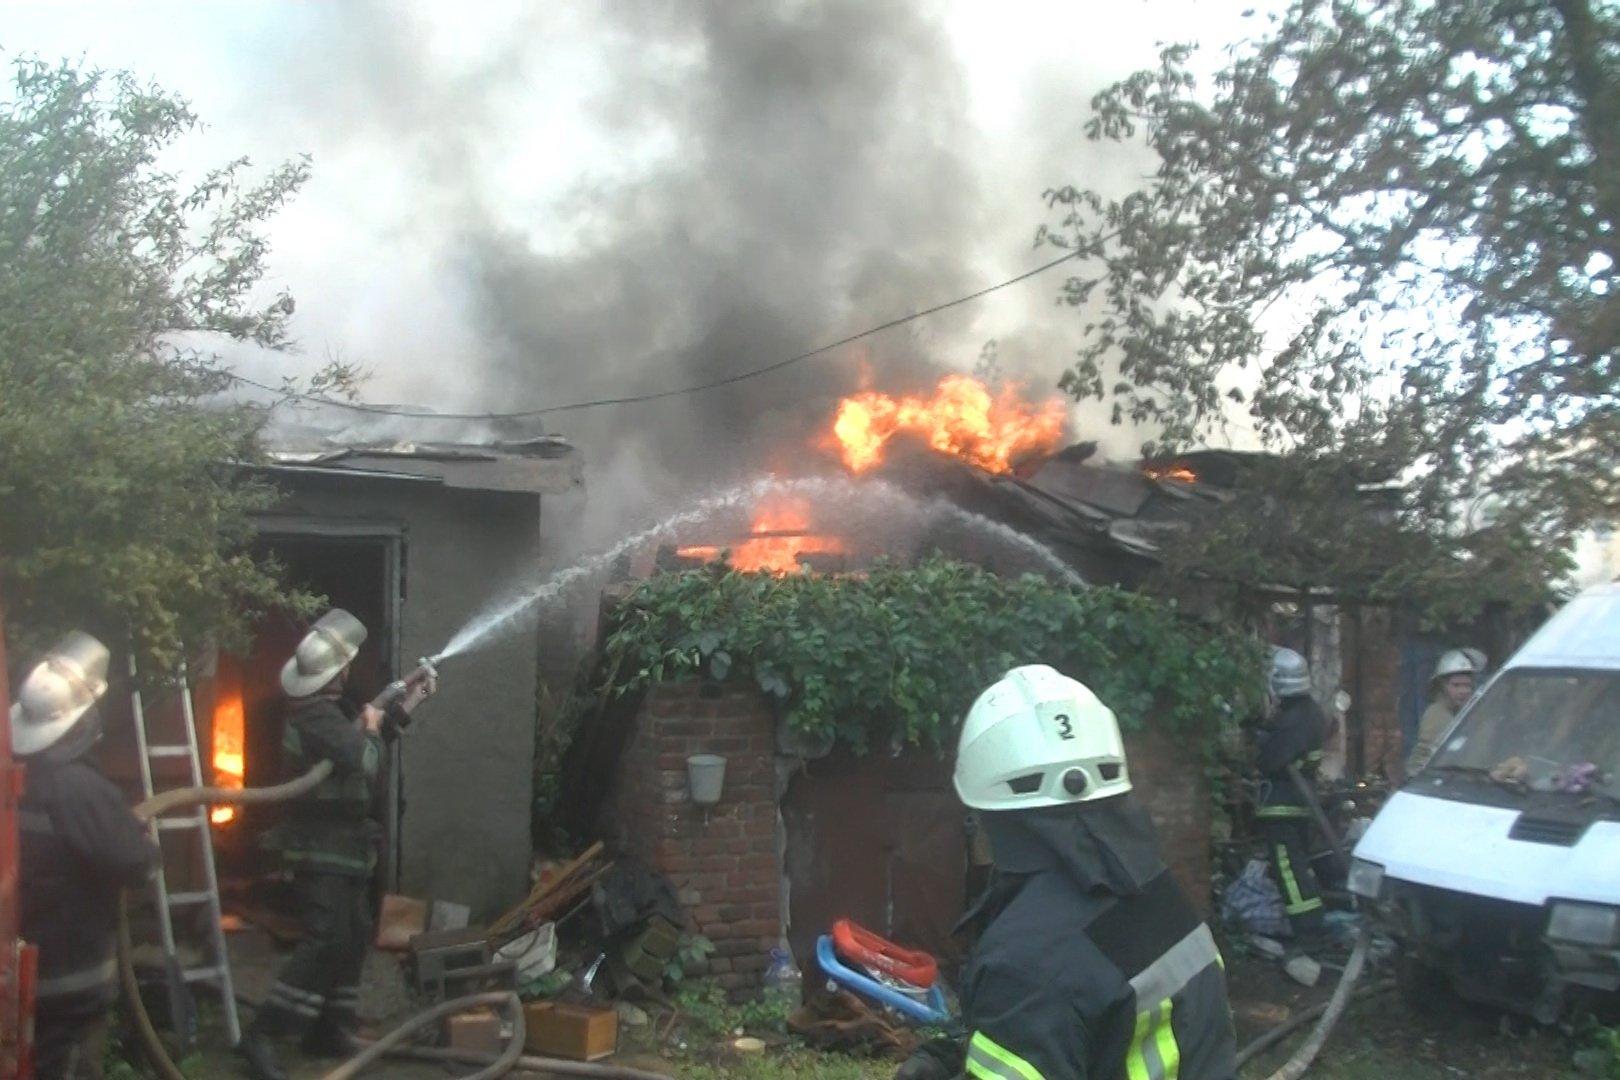 Харьковские спасатели более шести часов тушили крупный пожар в жилом доме, есть фото и видео